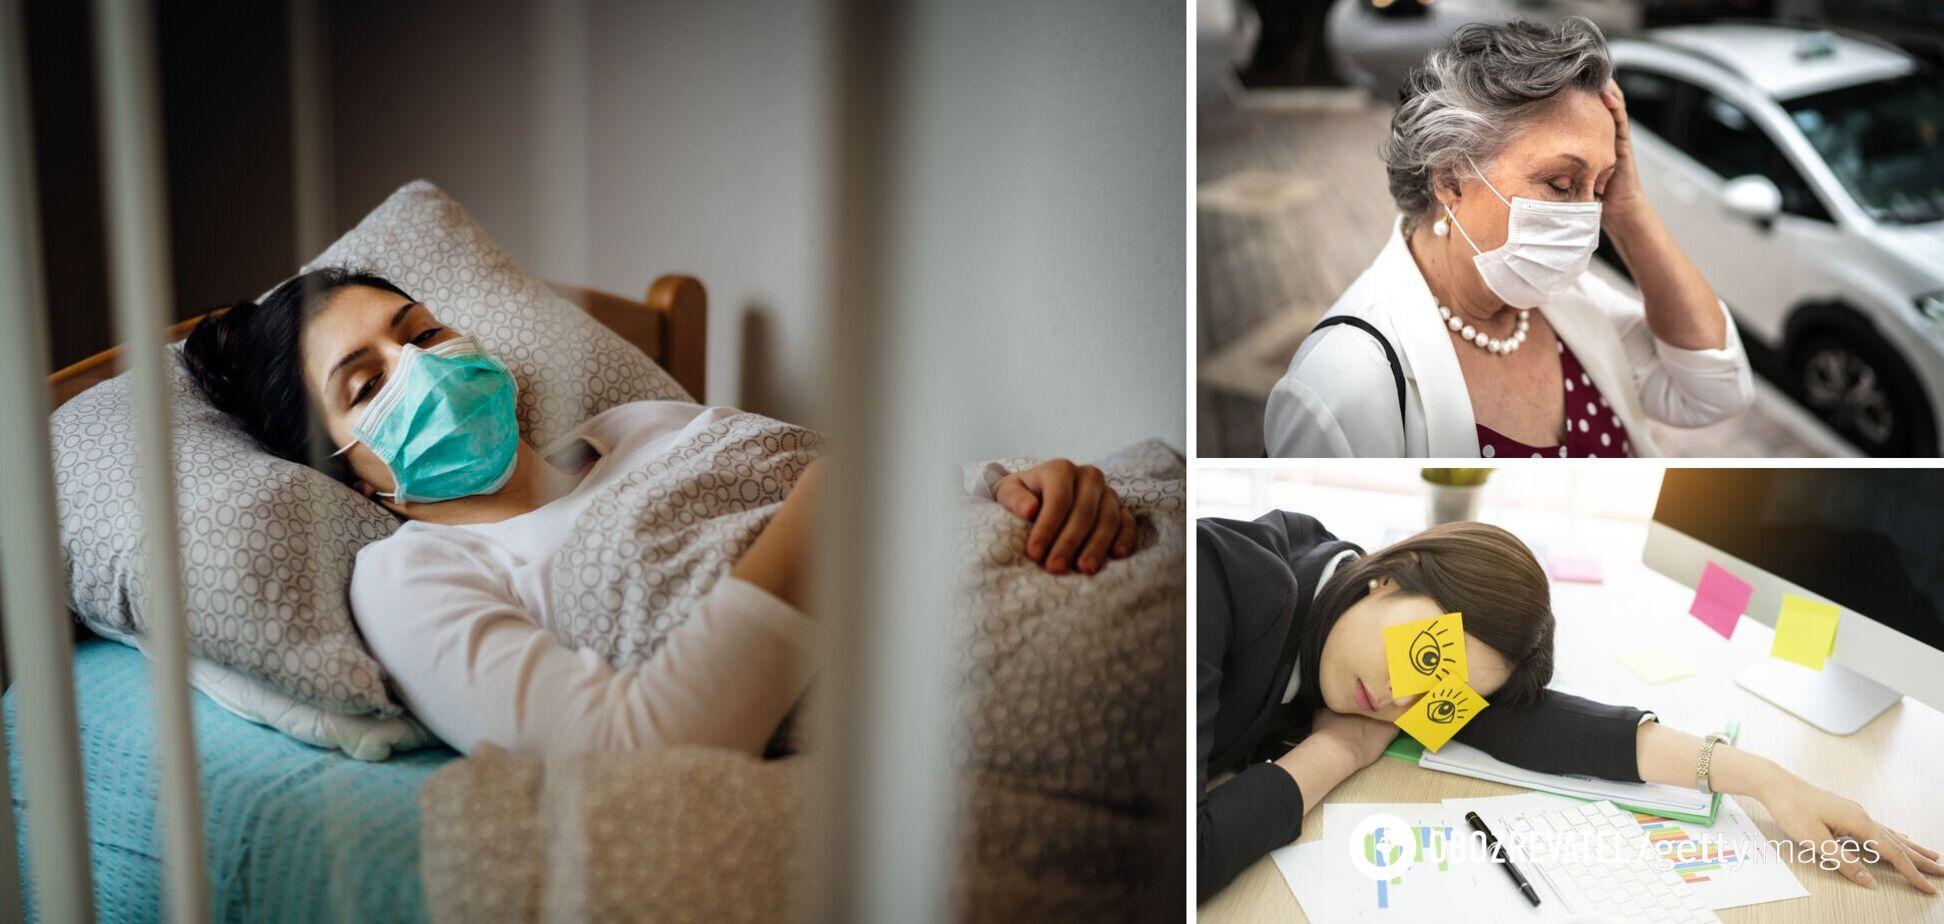 Лікар назвав поширені наслідки COVID-19: утруднення ходьби та порушення сну